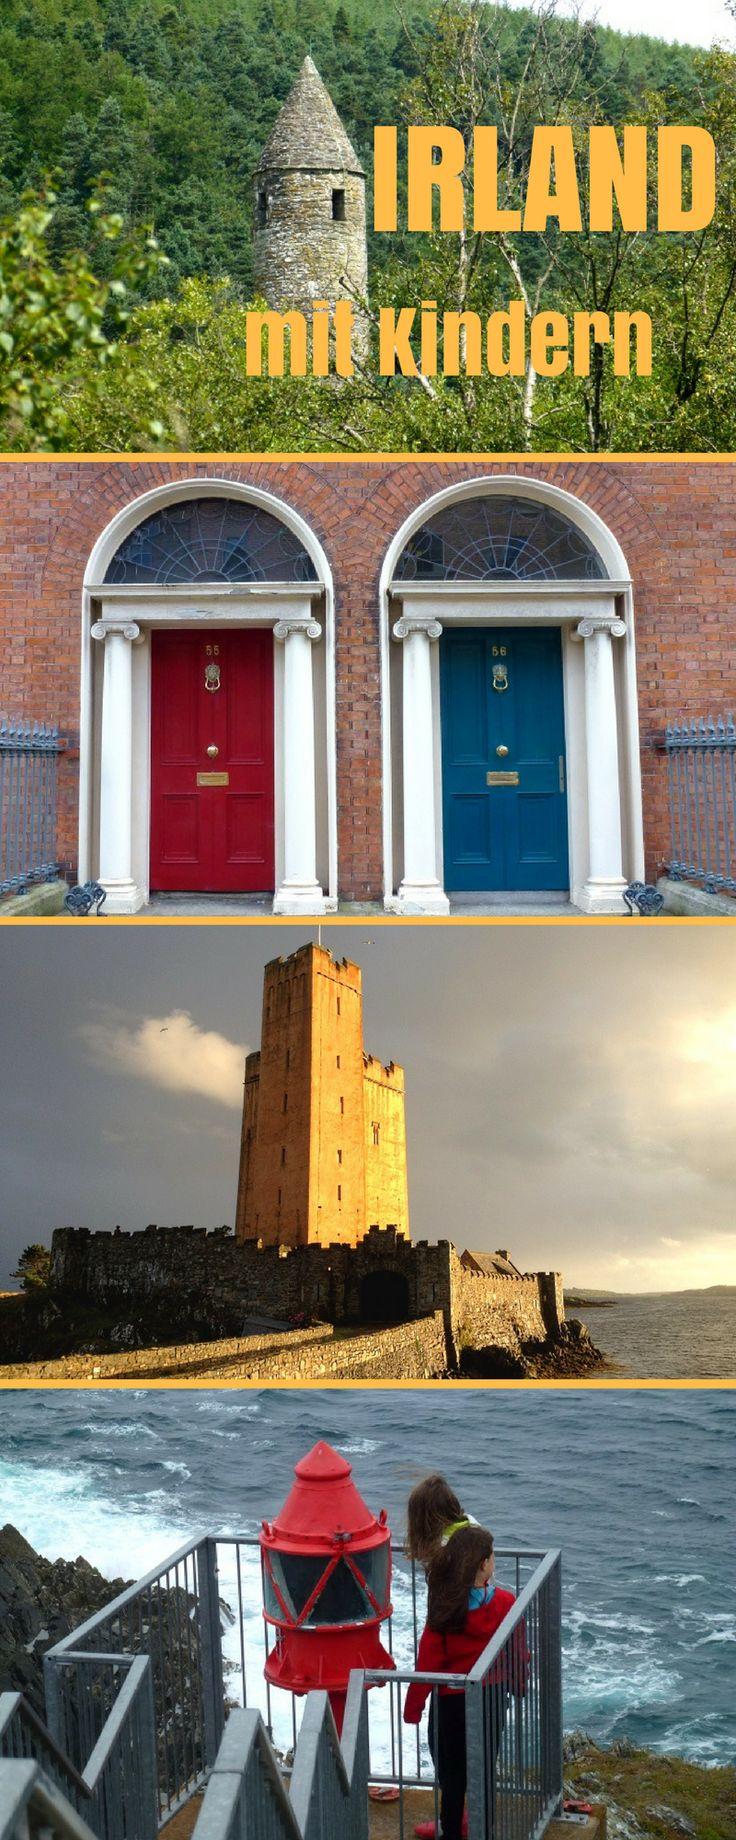 Irland: Eine Familienreise von Dublin nach West Cork.